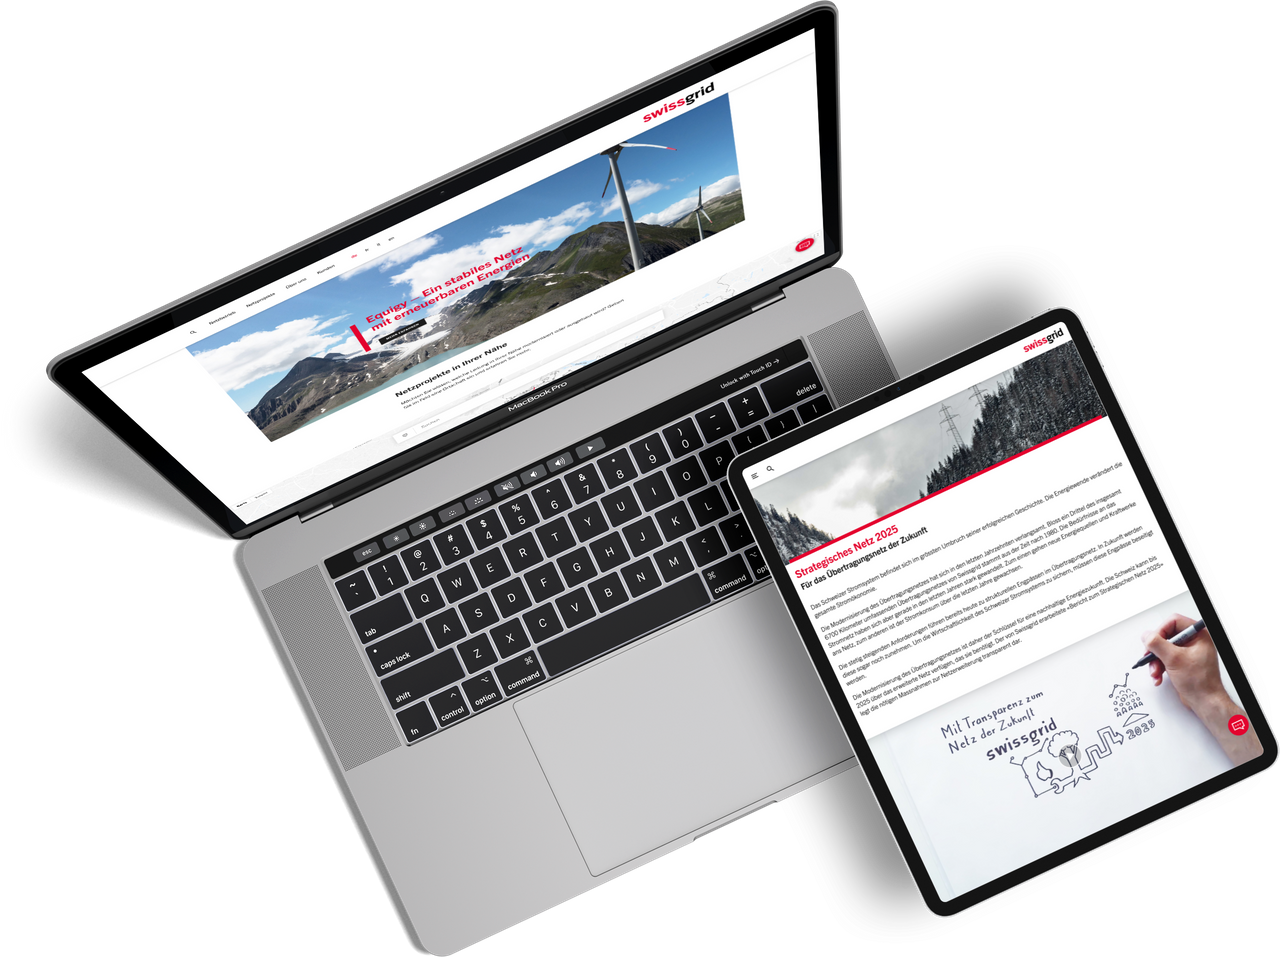 Swissgrid Website Relaunch by One Inside